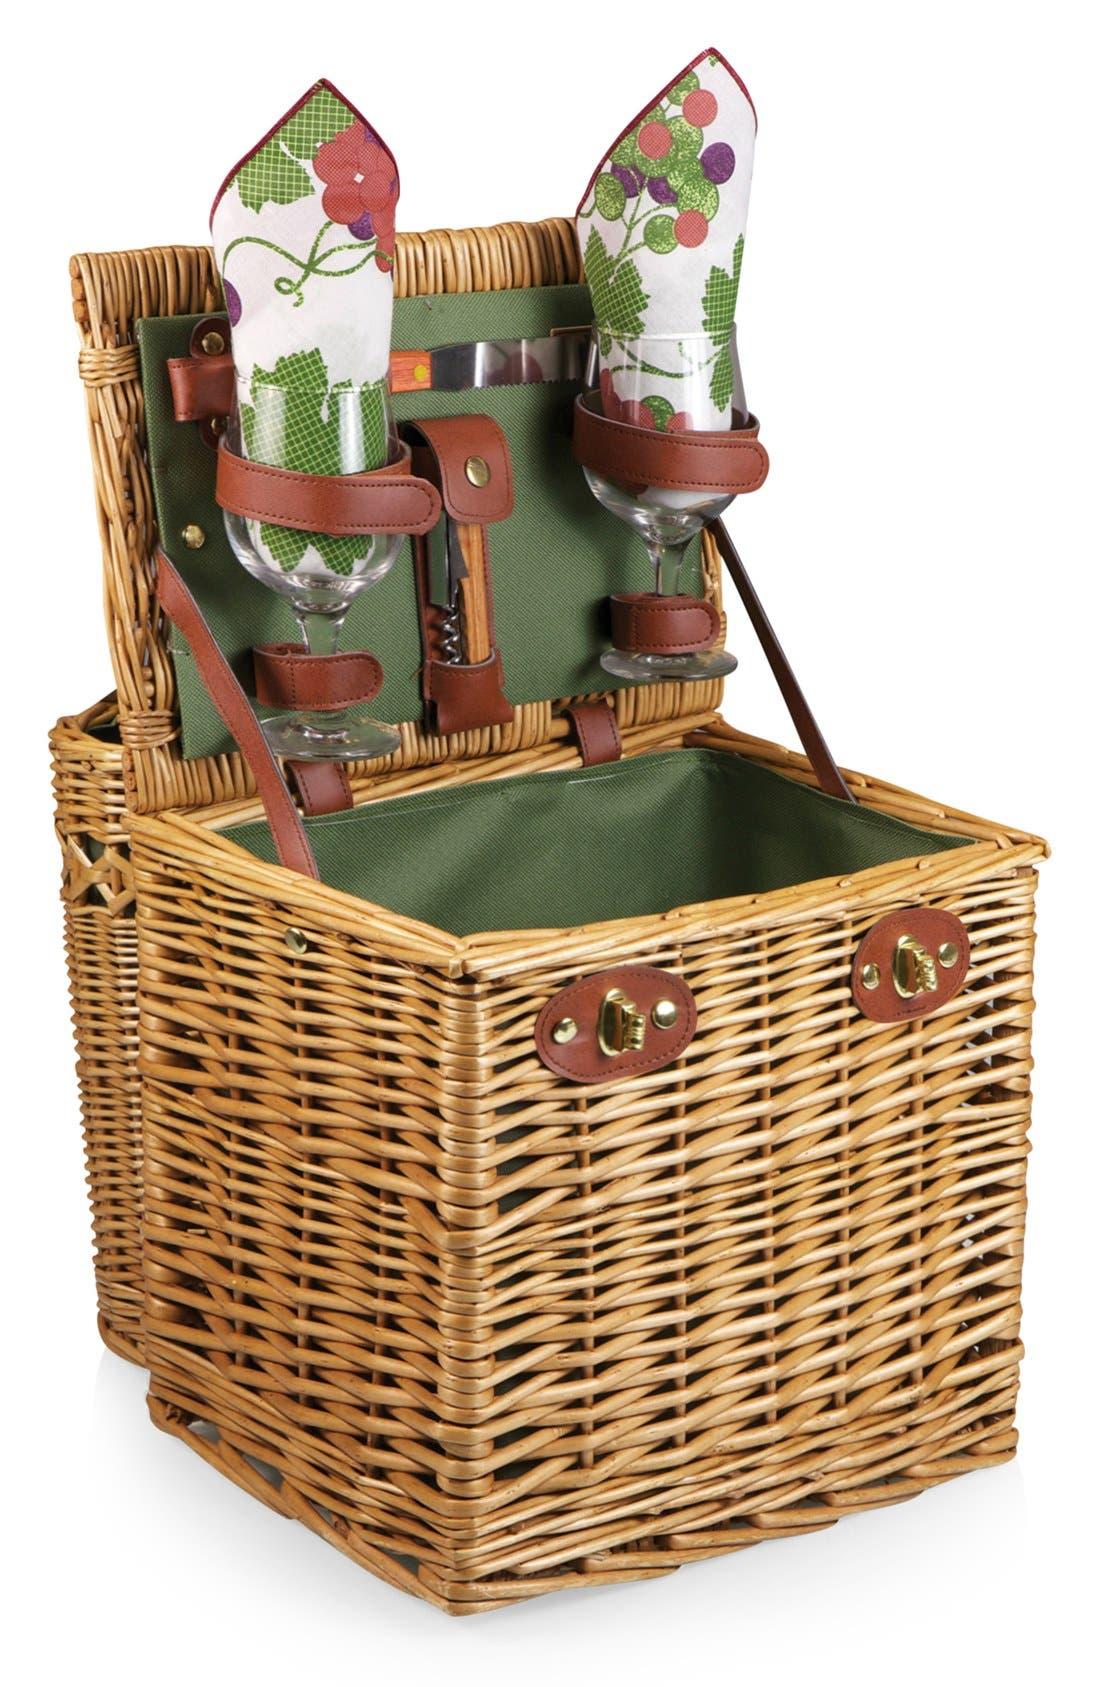 'Vino' Wine & Cheese Picnic Basket,                             Main thumbnail 1, color,                             300